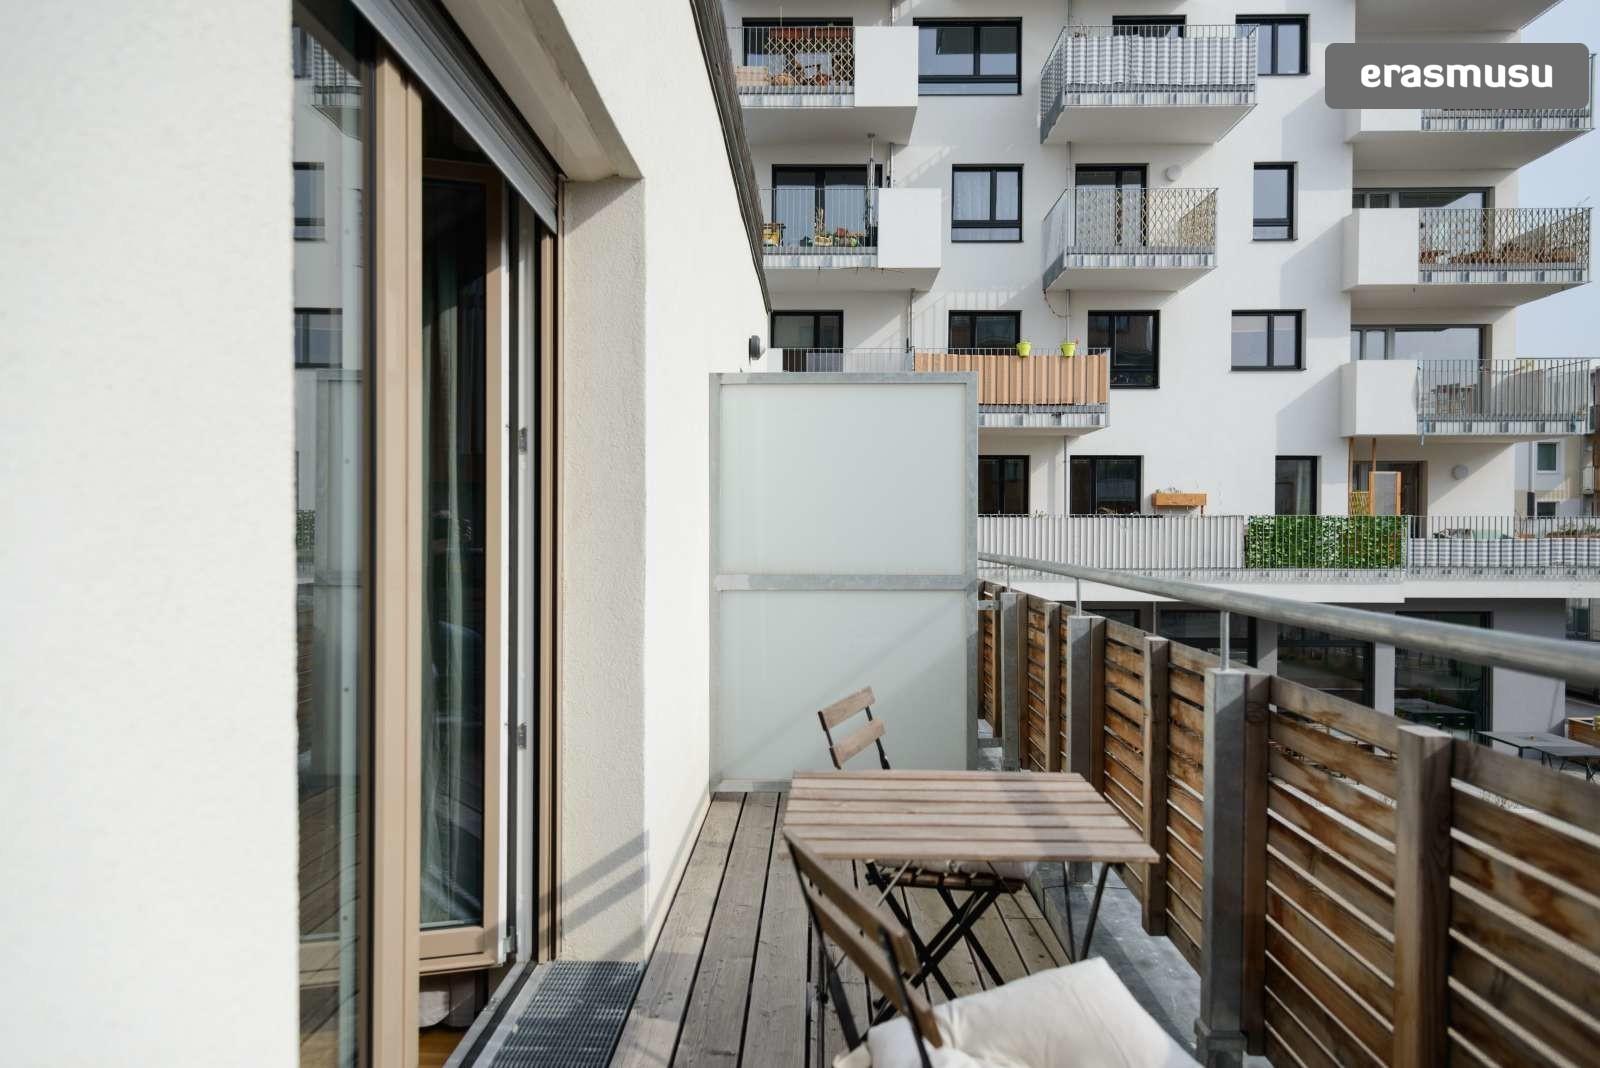 spacious-studio-apartment-rent-aspern-area-donaustadt-8969fd6000